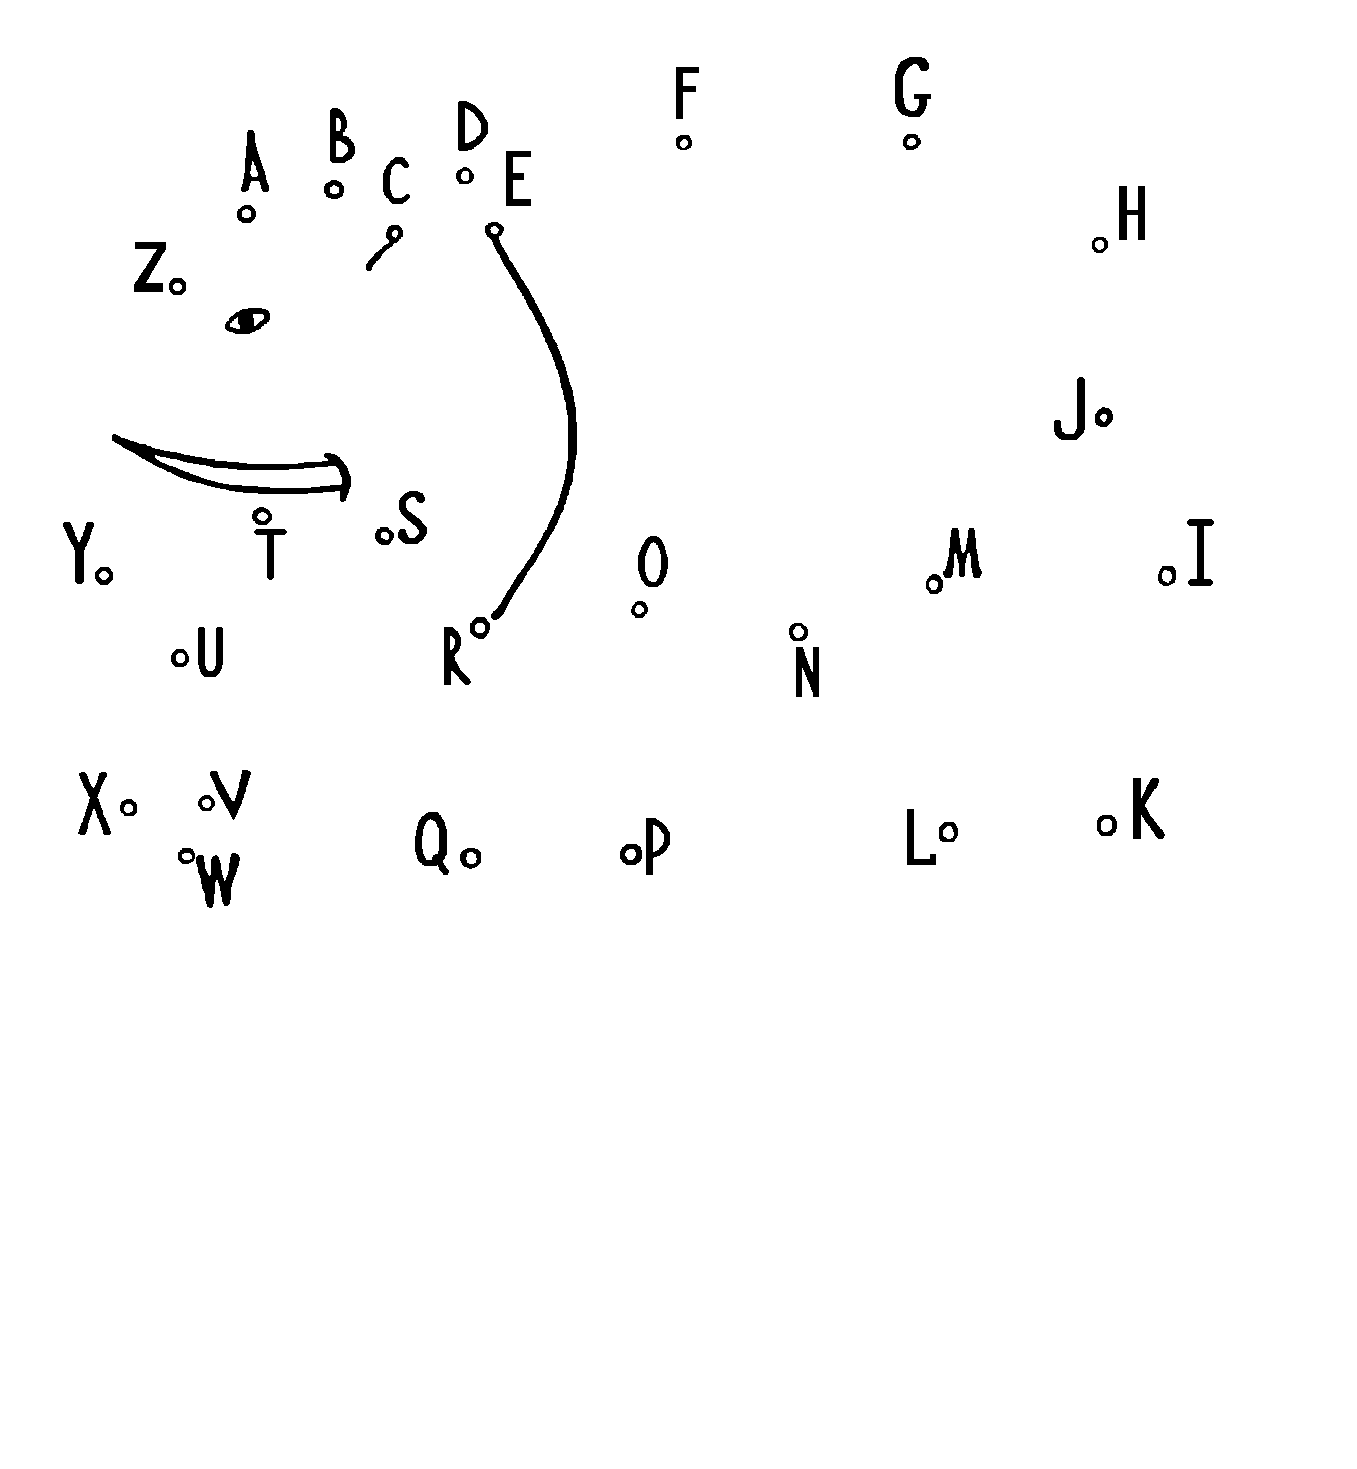 английский язык для начинающих аудио алфавит